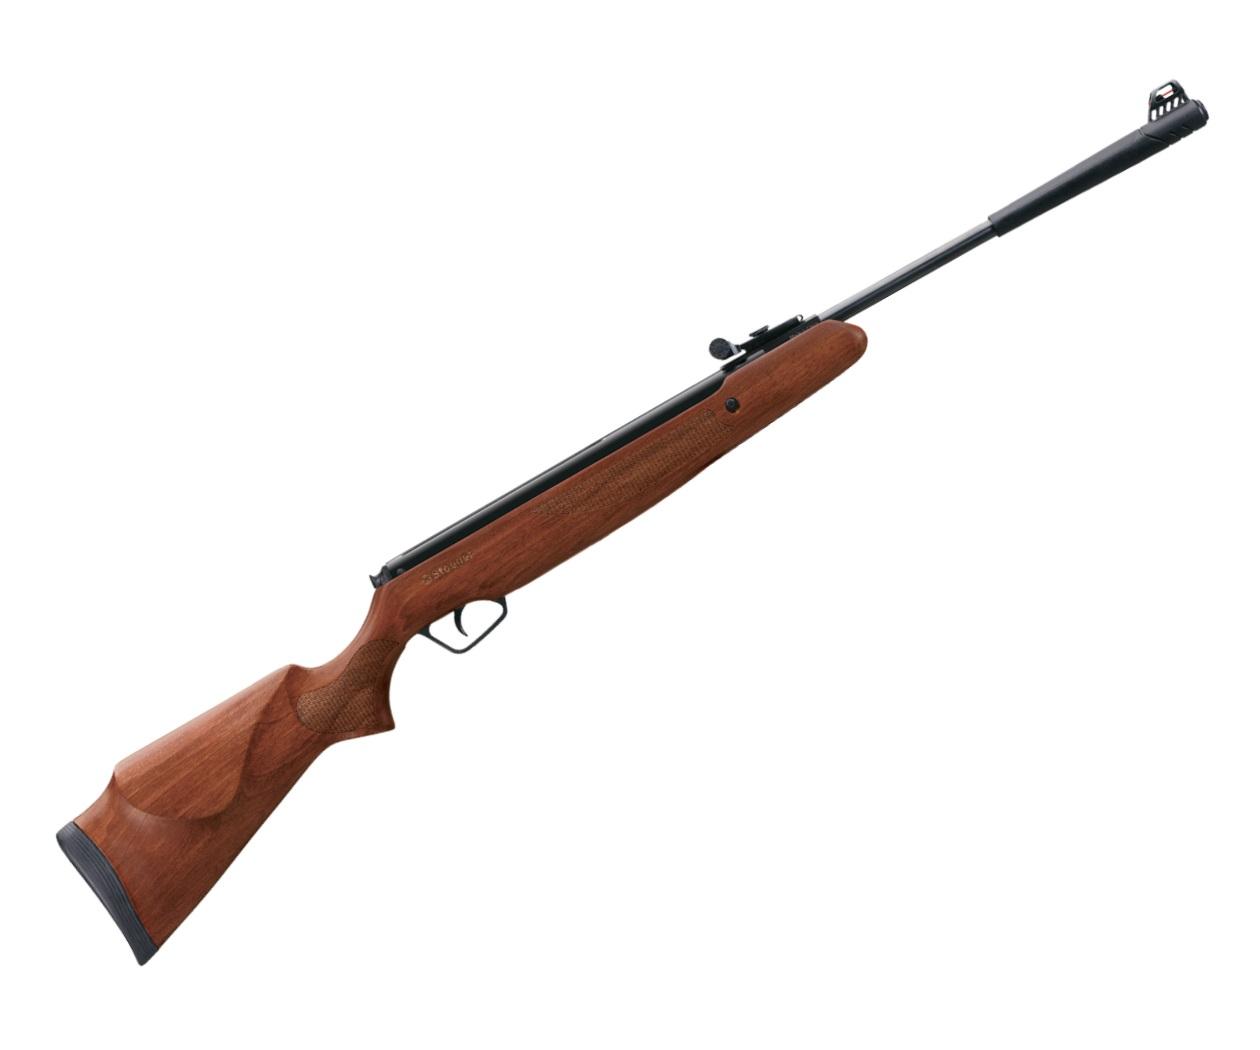 Пневматическая винтовка Stoeger X20 Wood купить! Цена в Москве, СПБ